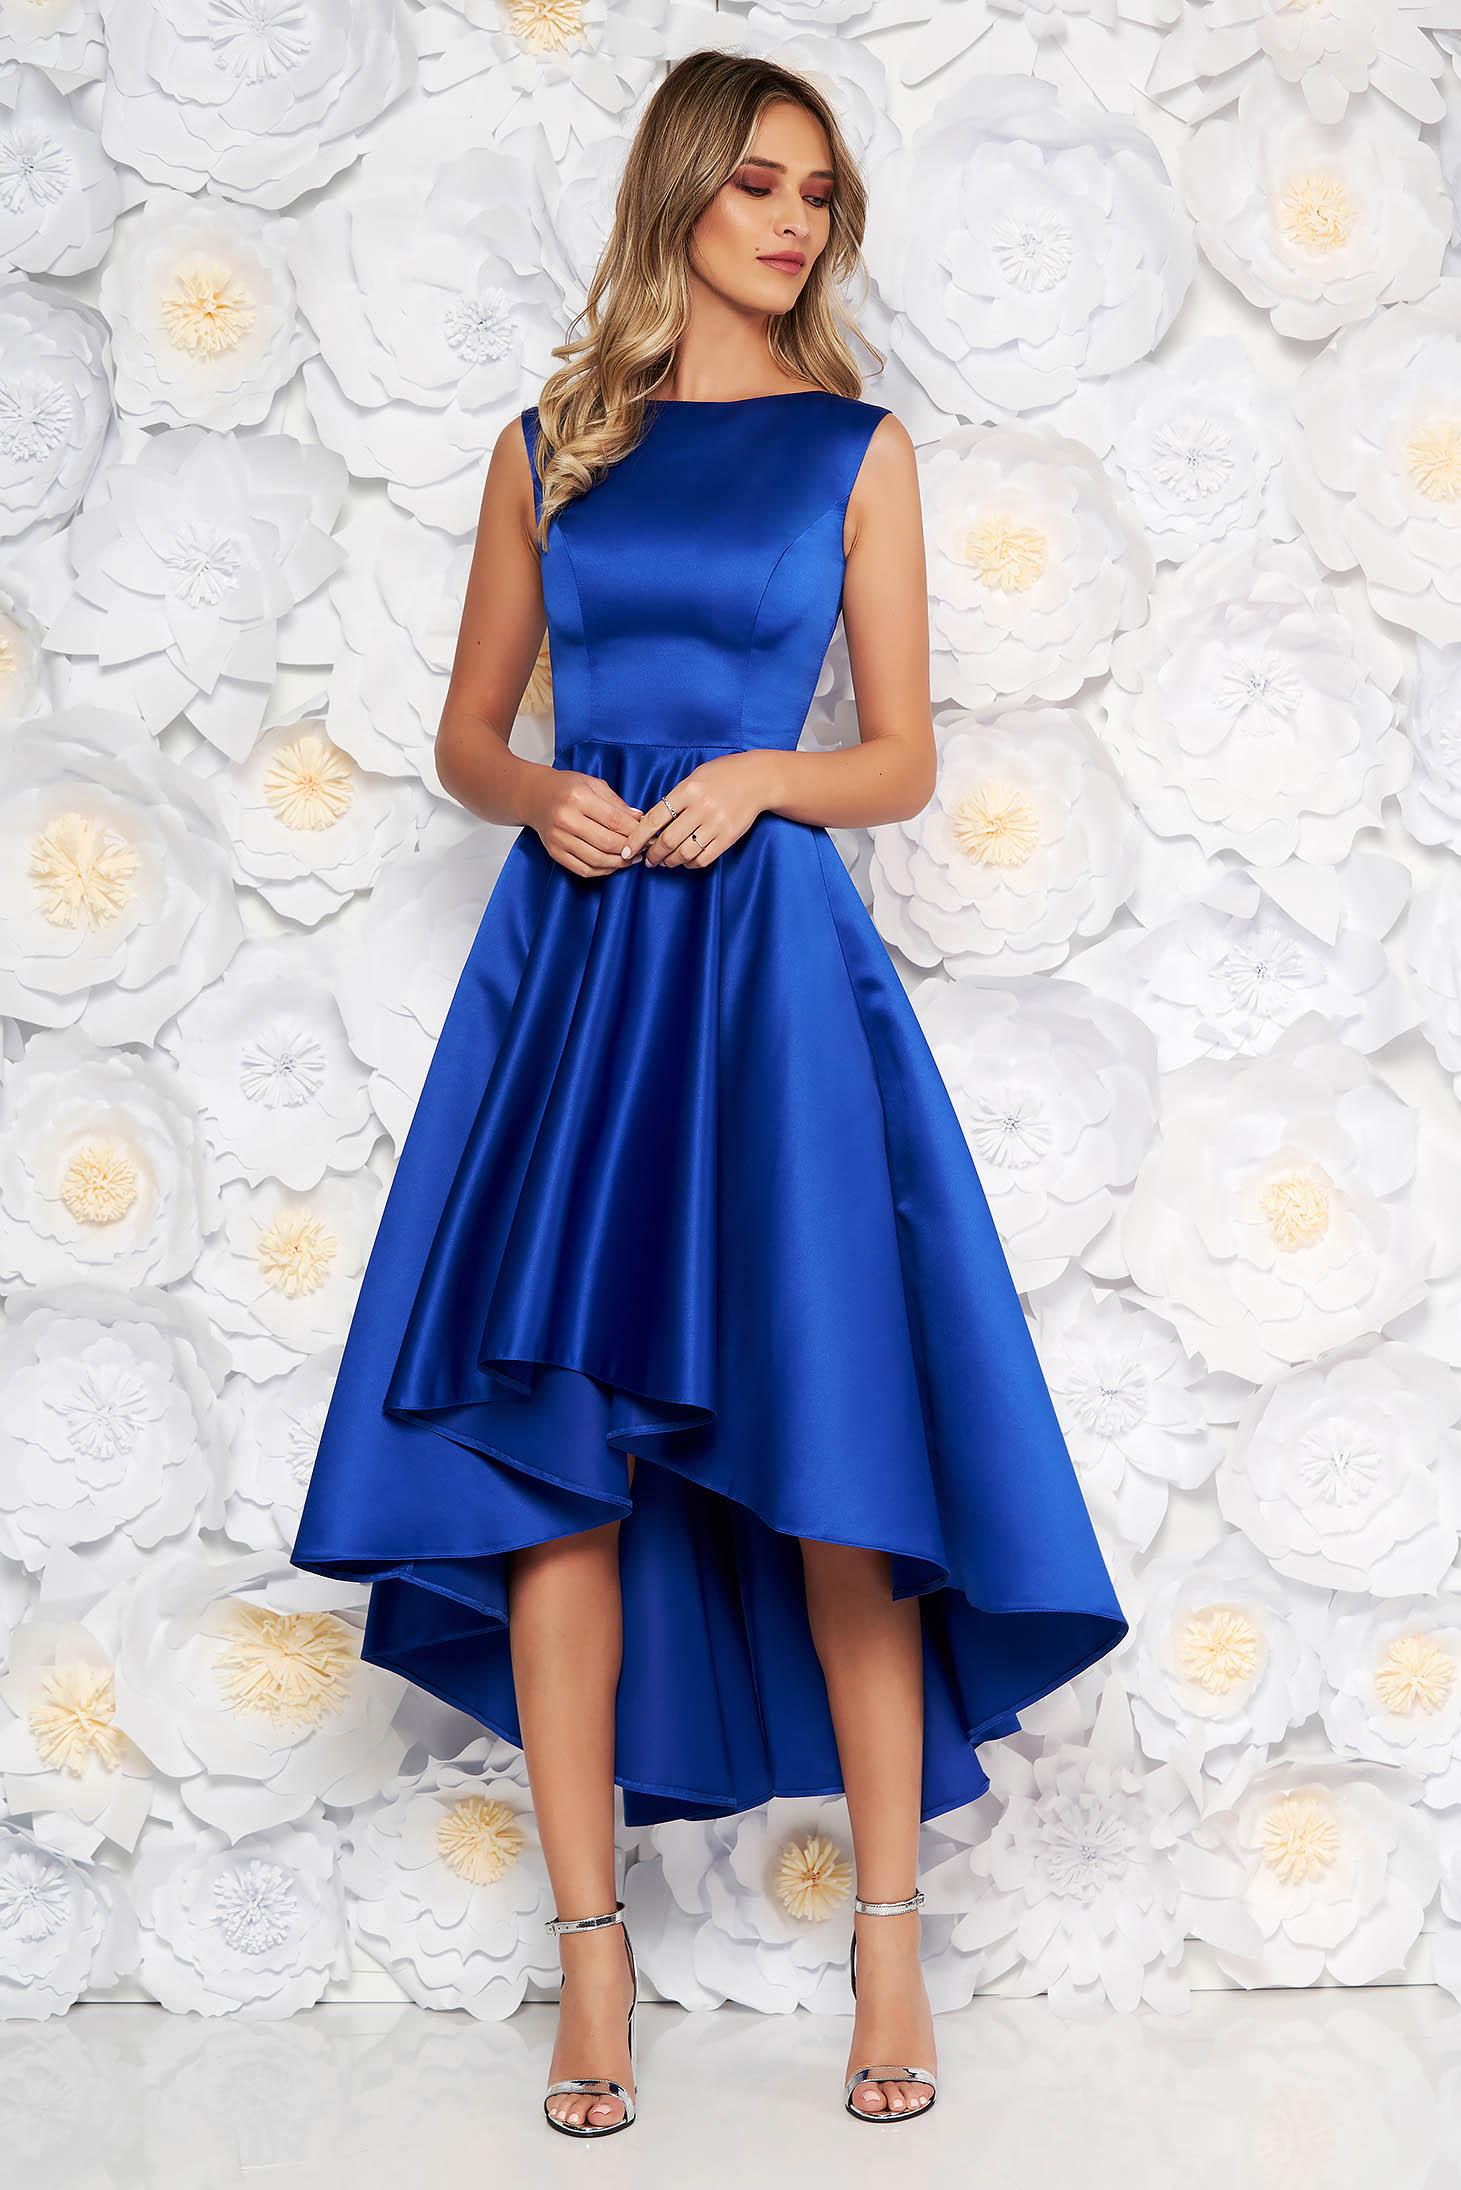 Rochie albastra eleganta asimetrica de ocazie in clos din material satinat fara maneci